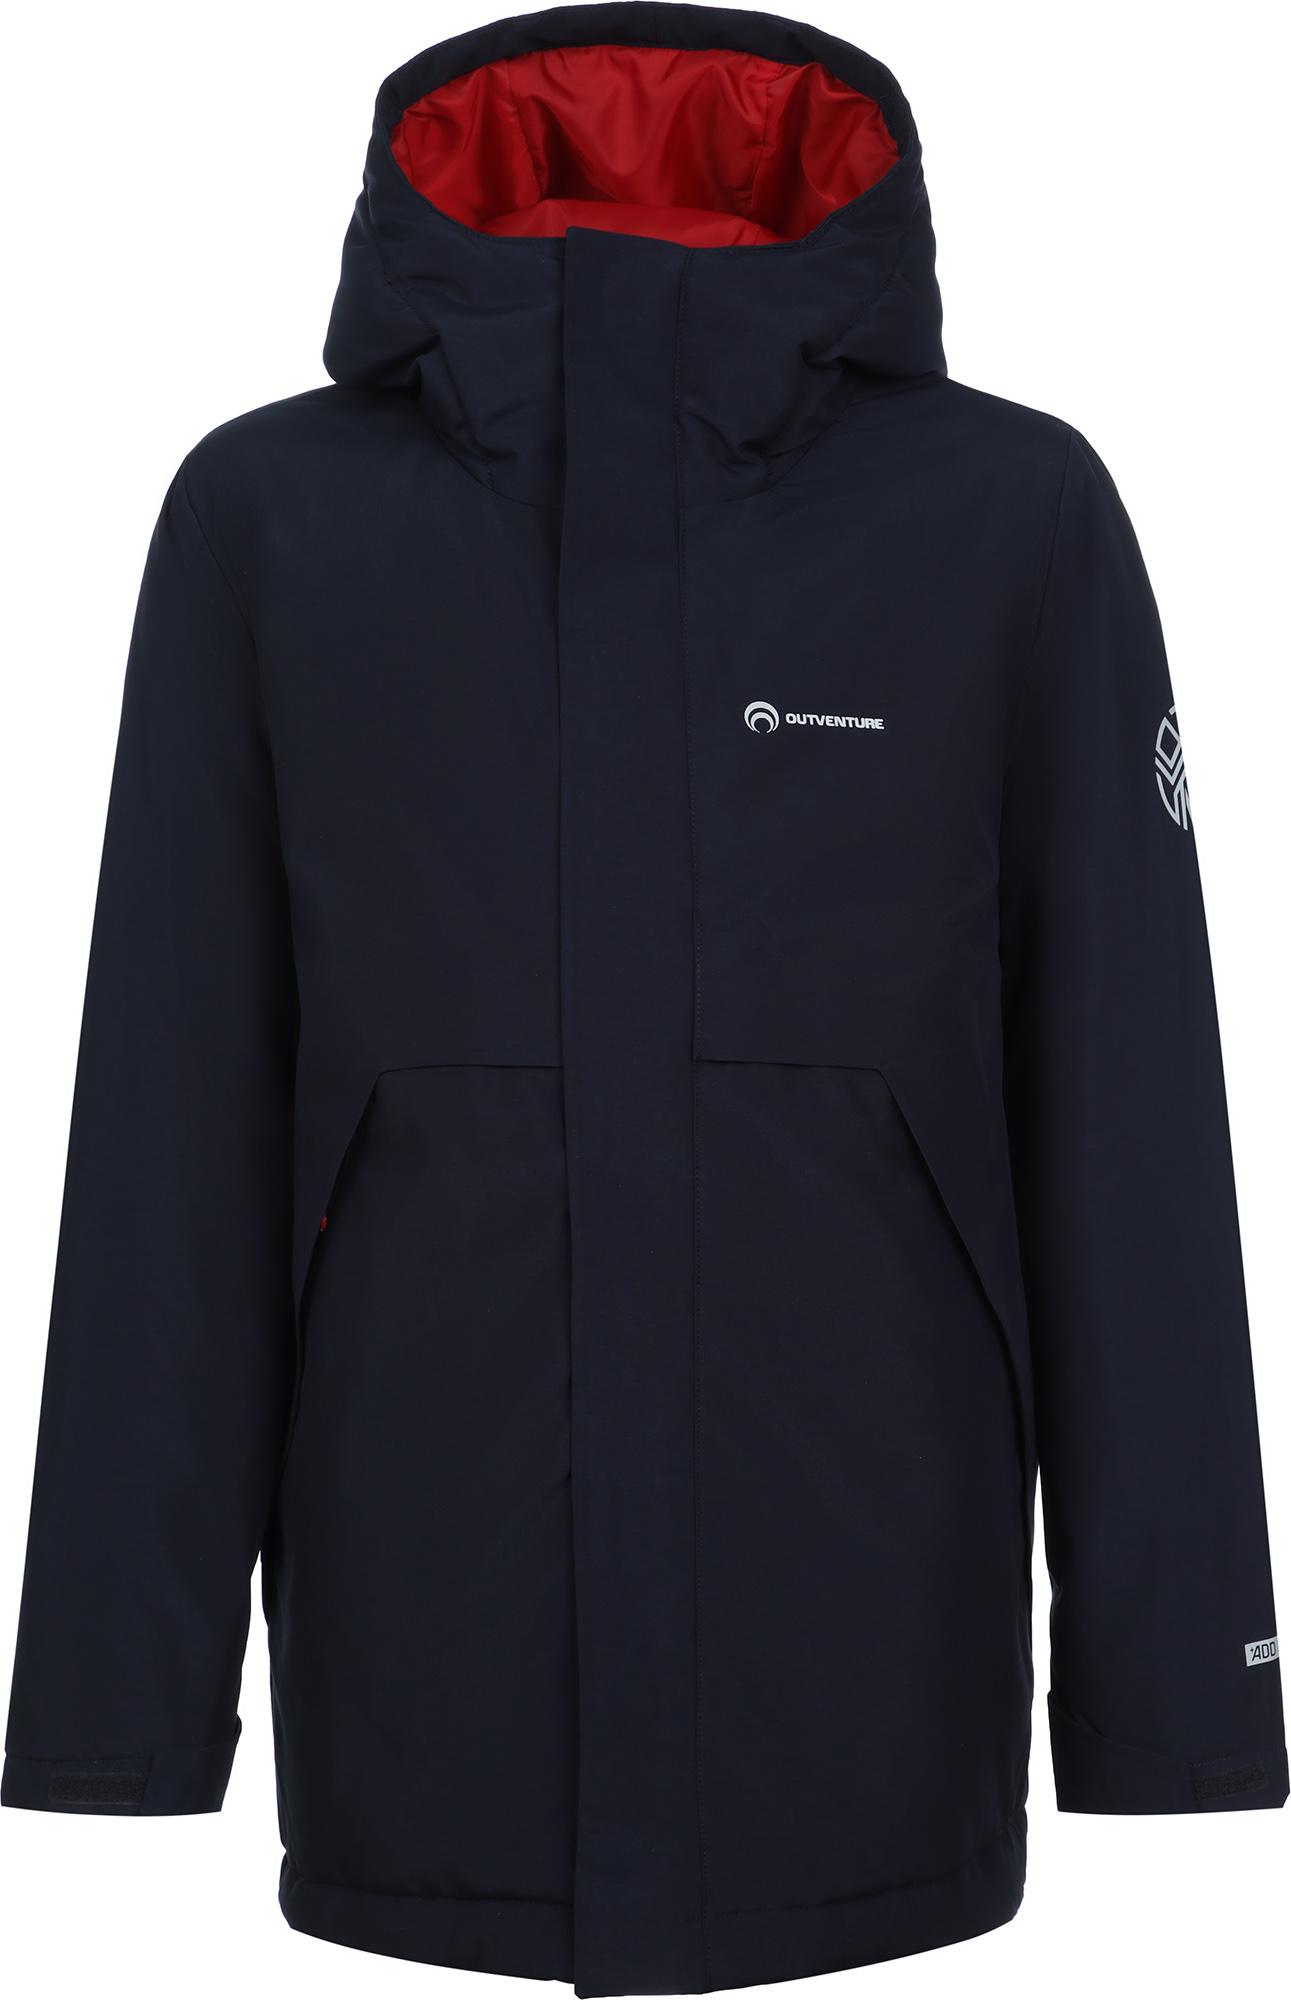 Фото - Outventure Куртка утепленная для мальчиков Outventure, размер 158 outventure куртка утепленная для девочек outventure размер 134